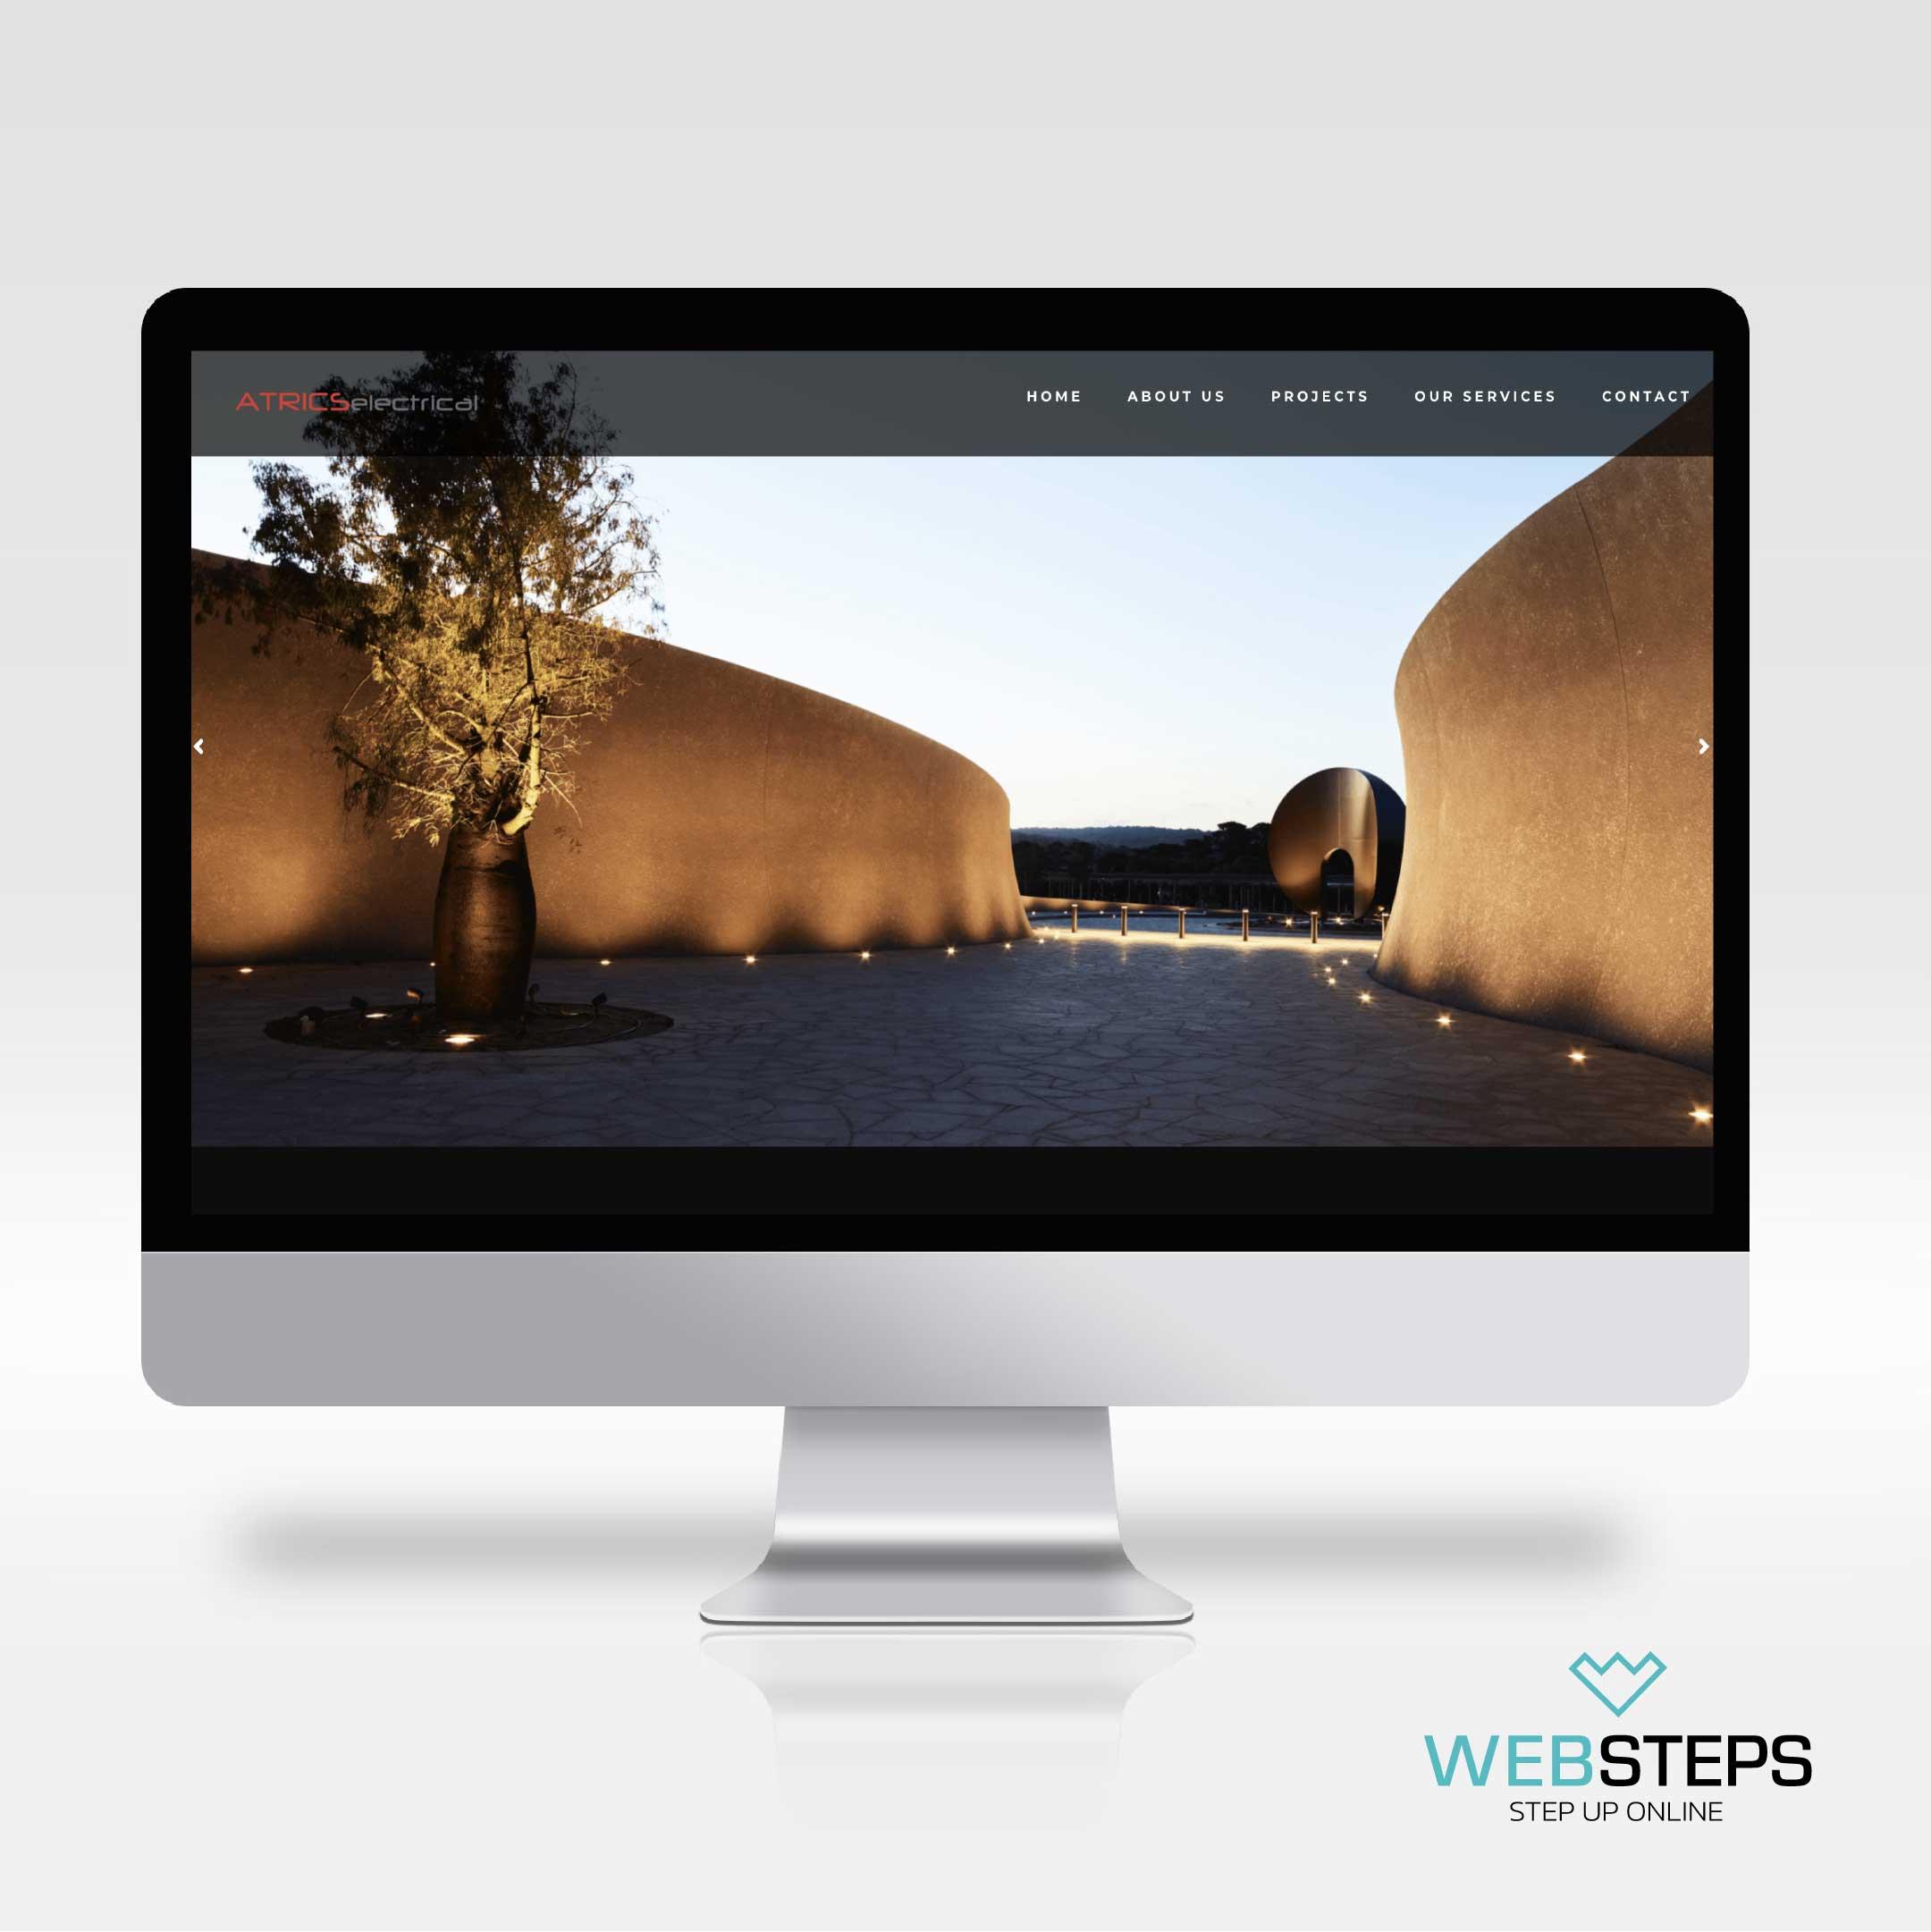 websteps-atrics-website